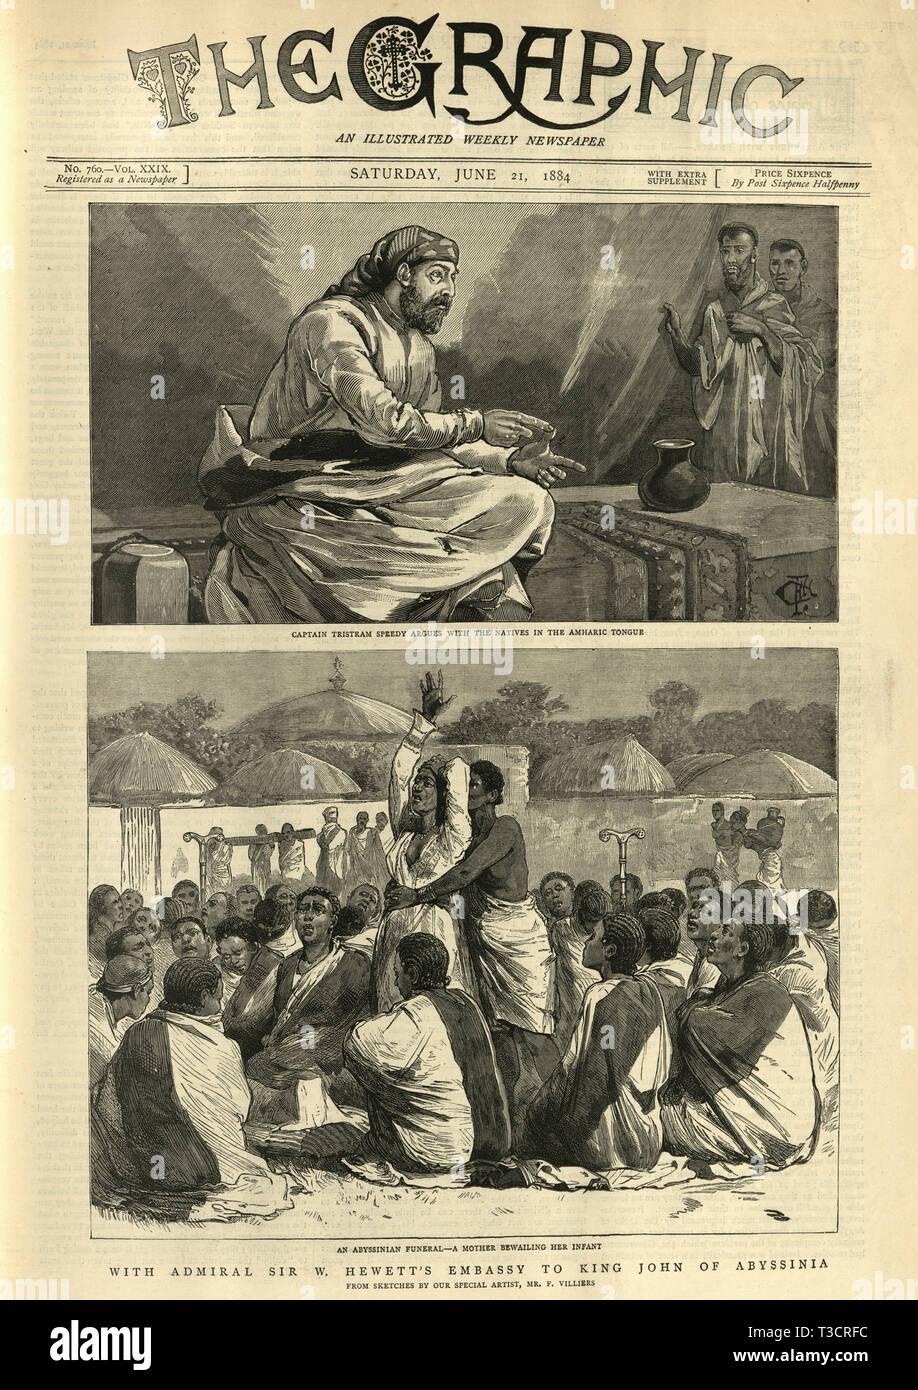 Antique Print 1884 ETHIOPIA King John of Abyssinia on his Throne